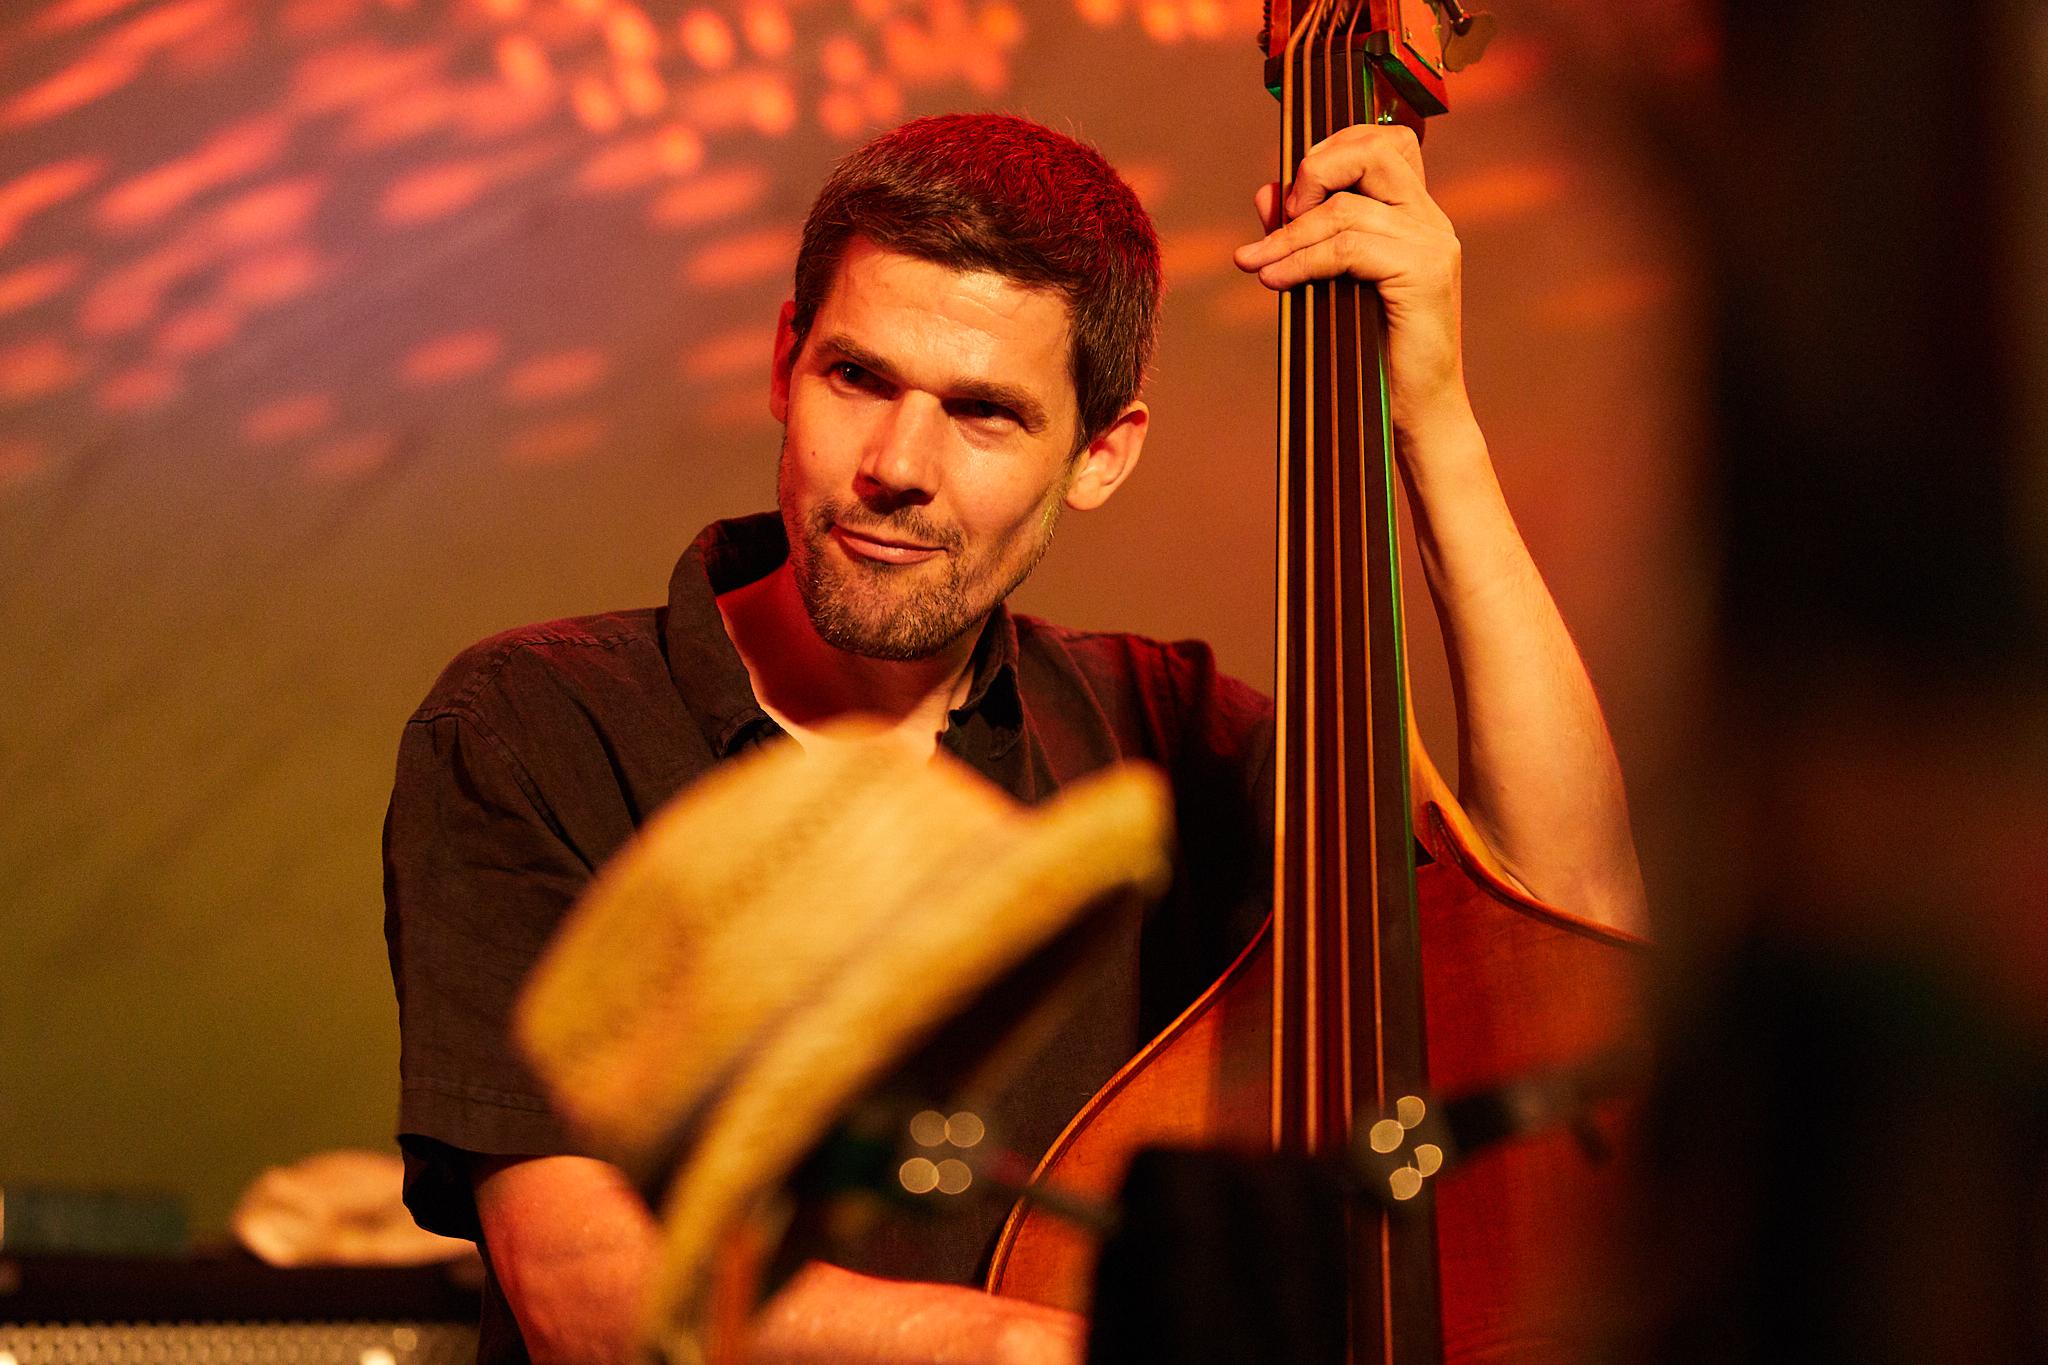 patrick sommer - BassHat an der Swiss Jazz School in Bern und in Los Angeles studiert und ist heute Teil von diversen Schweizer Bands und auf diversen Tonträgern vertreten. Er lebt mit seiner Familie in Zürich und arbeitet als freischaffender Musiker.